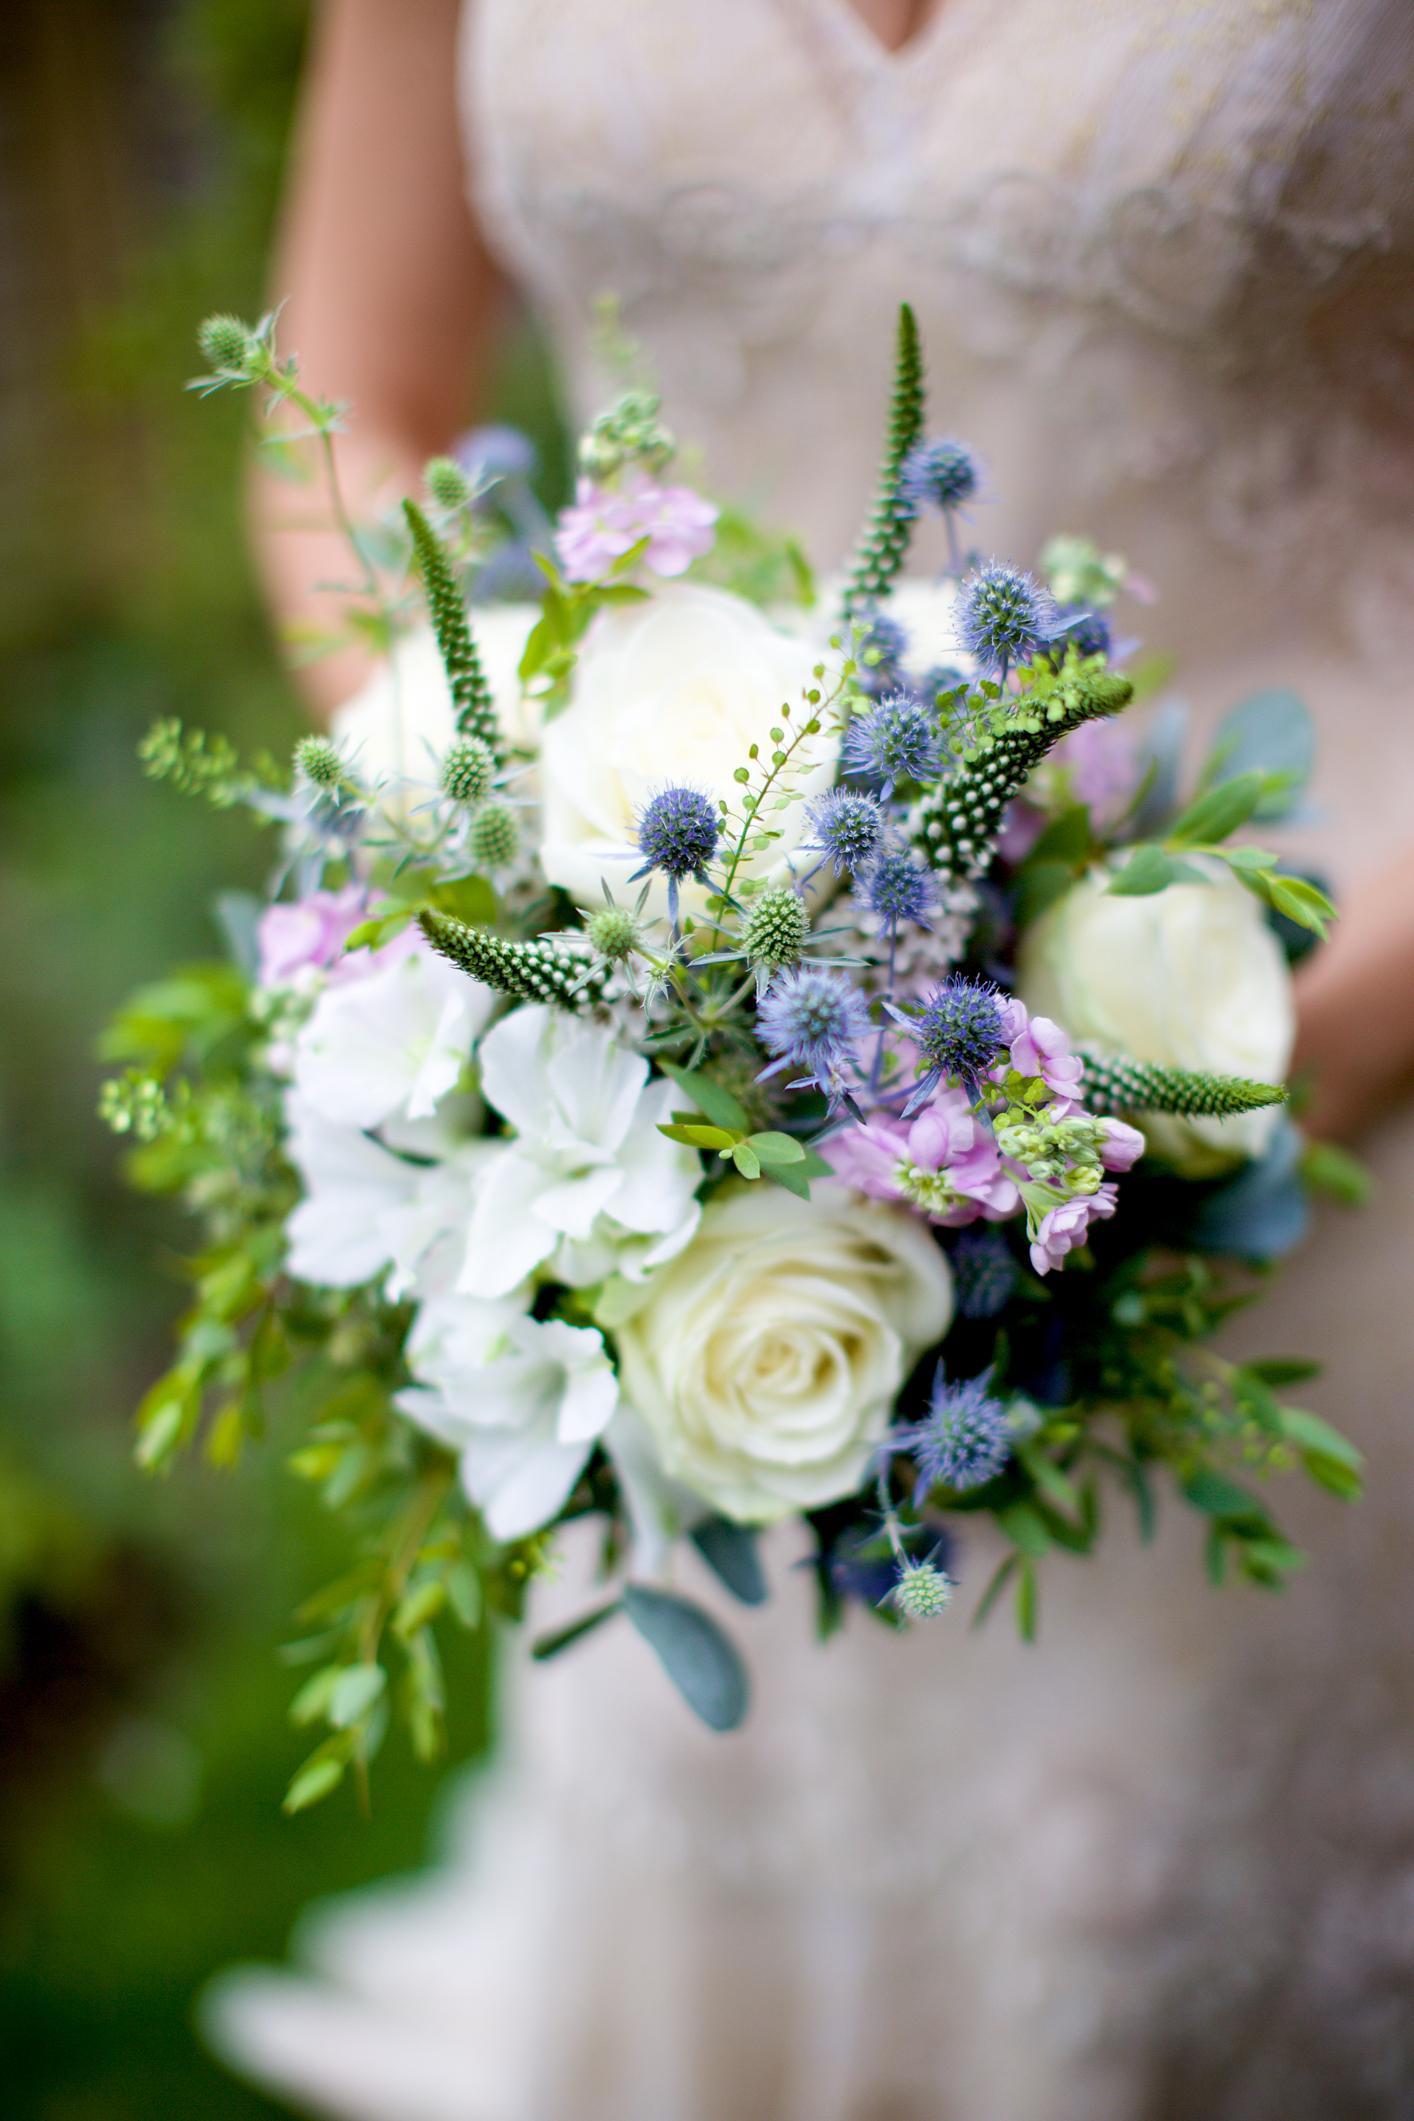 lilac_thyme-wedding_flowers_blue.JPG